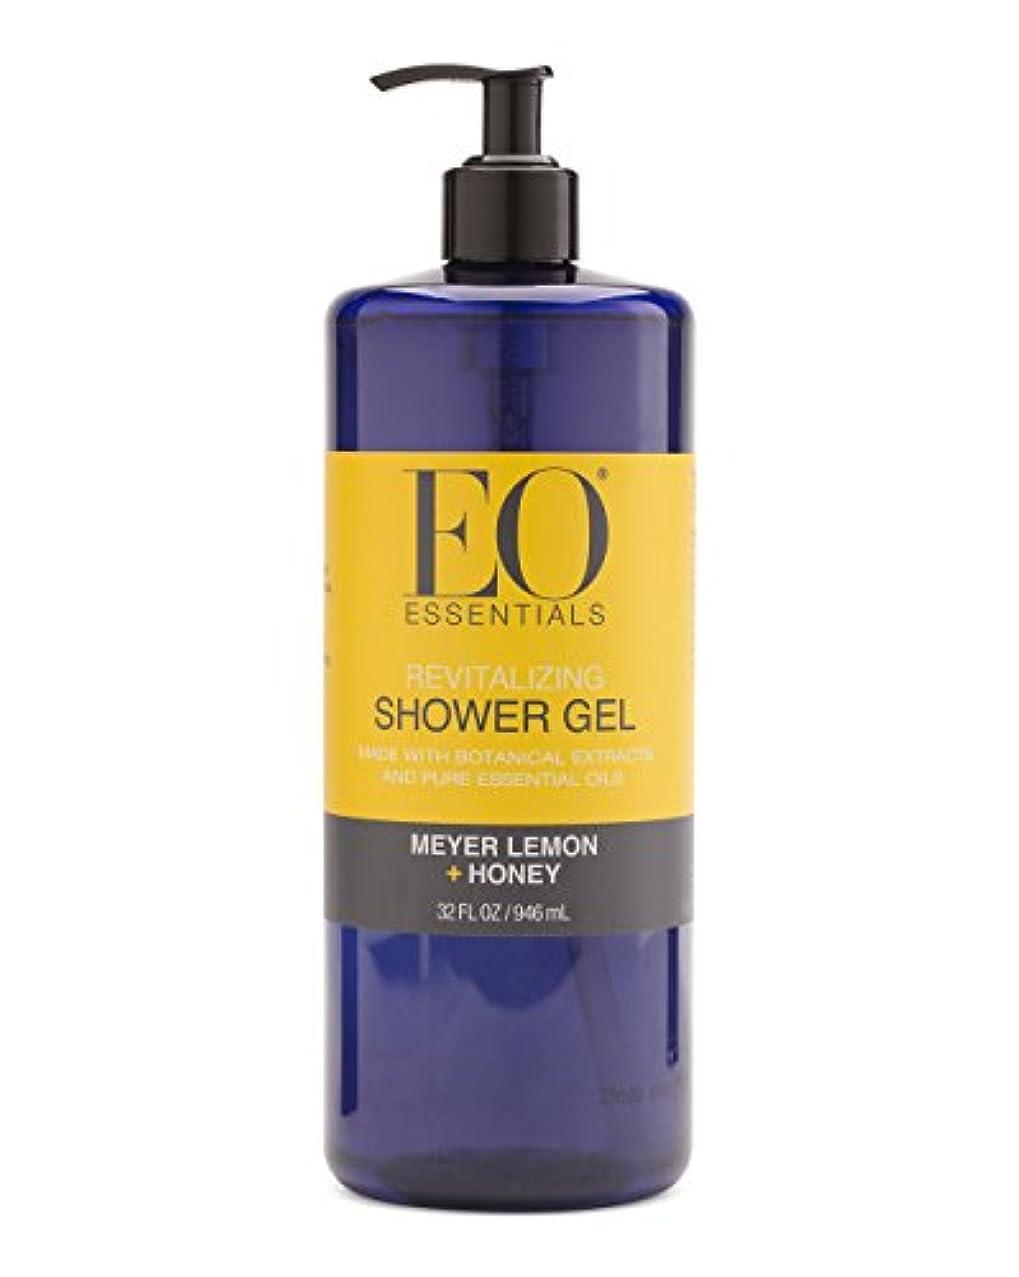 ルネッサンス宗教競合他社選手Meyer Lemon + Honey Shower Gel (32 Oz) by EO Essentials [並行輸入品]